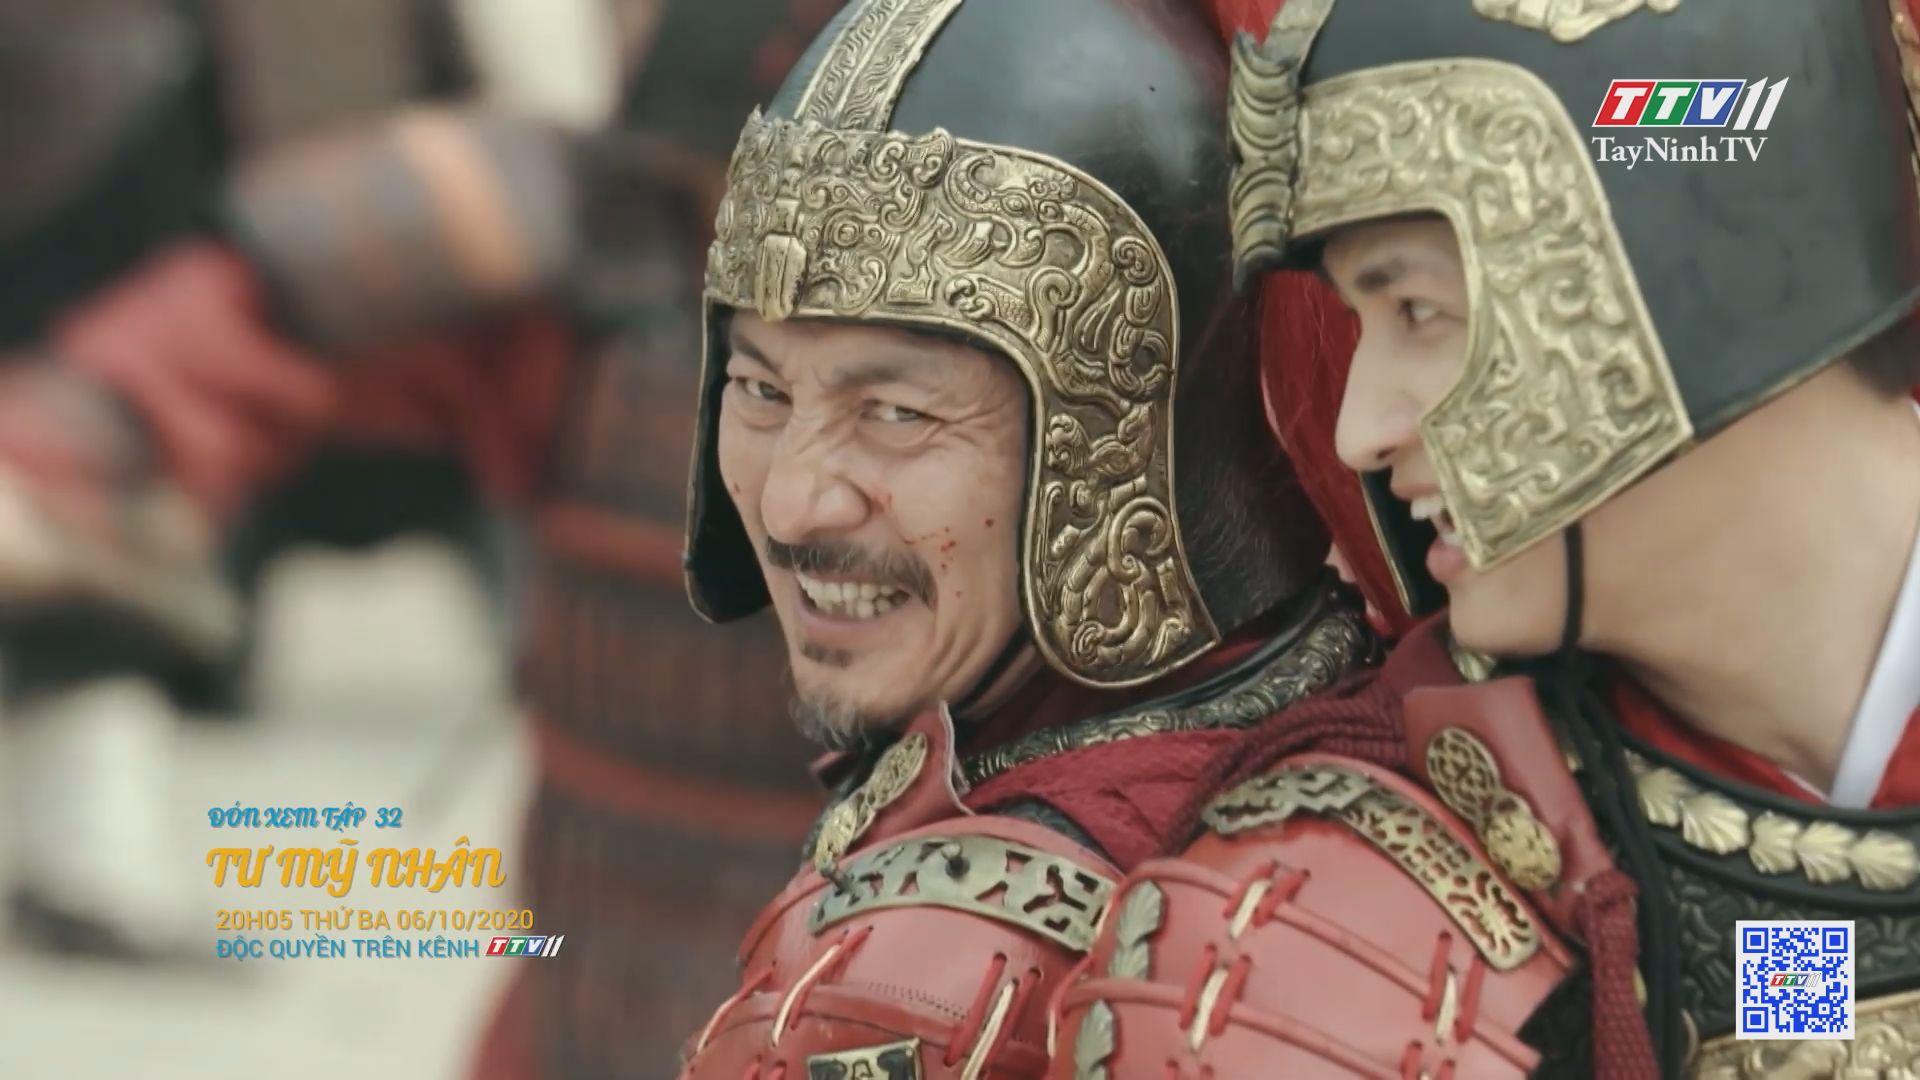 Tư mỹ nhân-TẬP 32 trailer | PHIM TƯ MỸ NHÂN | TayNinhTV